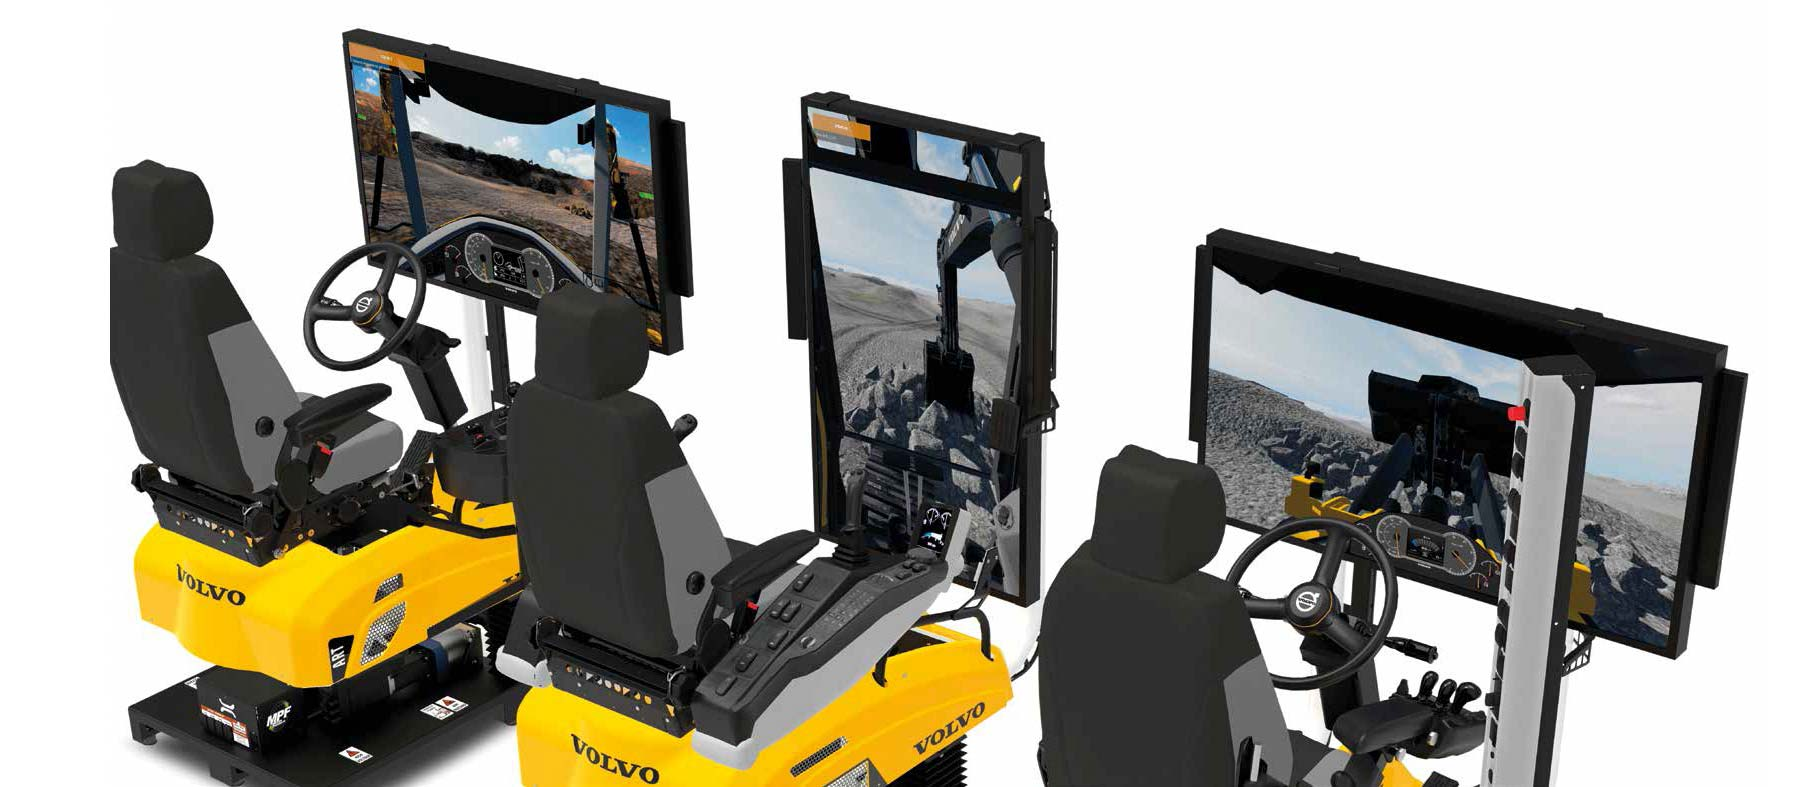 Virtuelni simulator za obuku za rad na VOLVO građevinskim mašinama